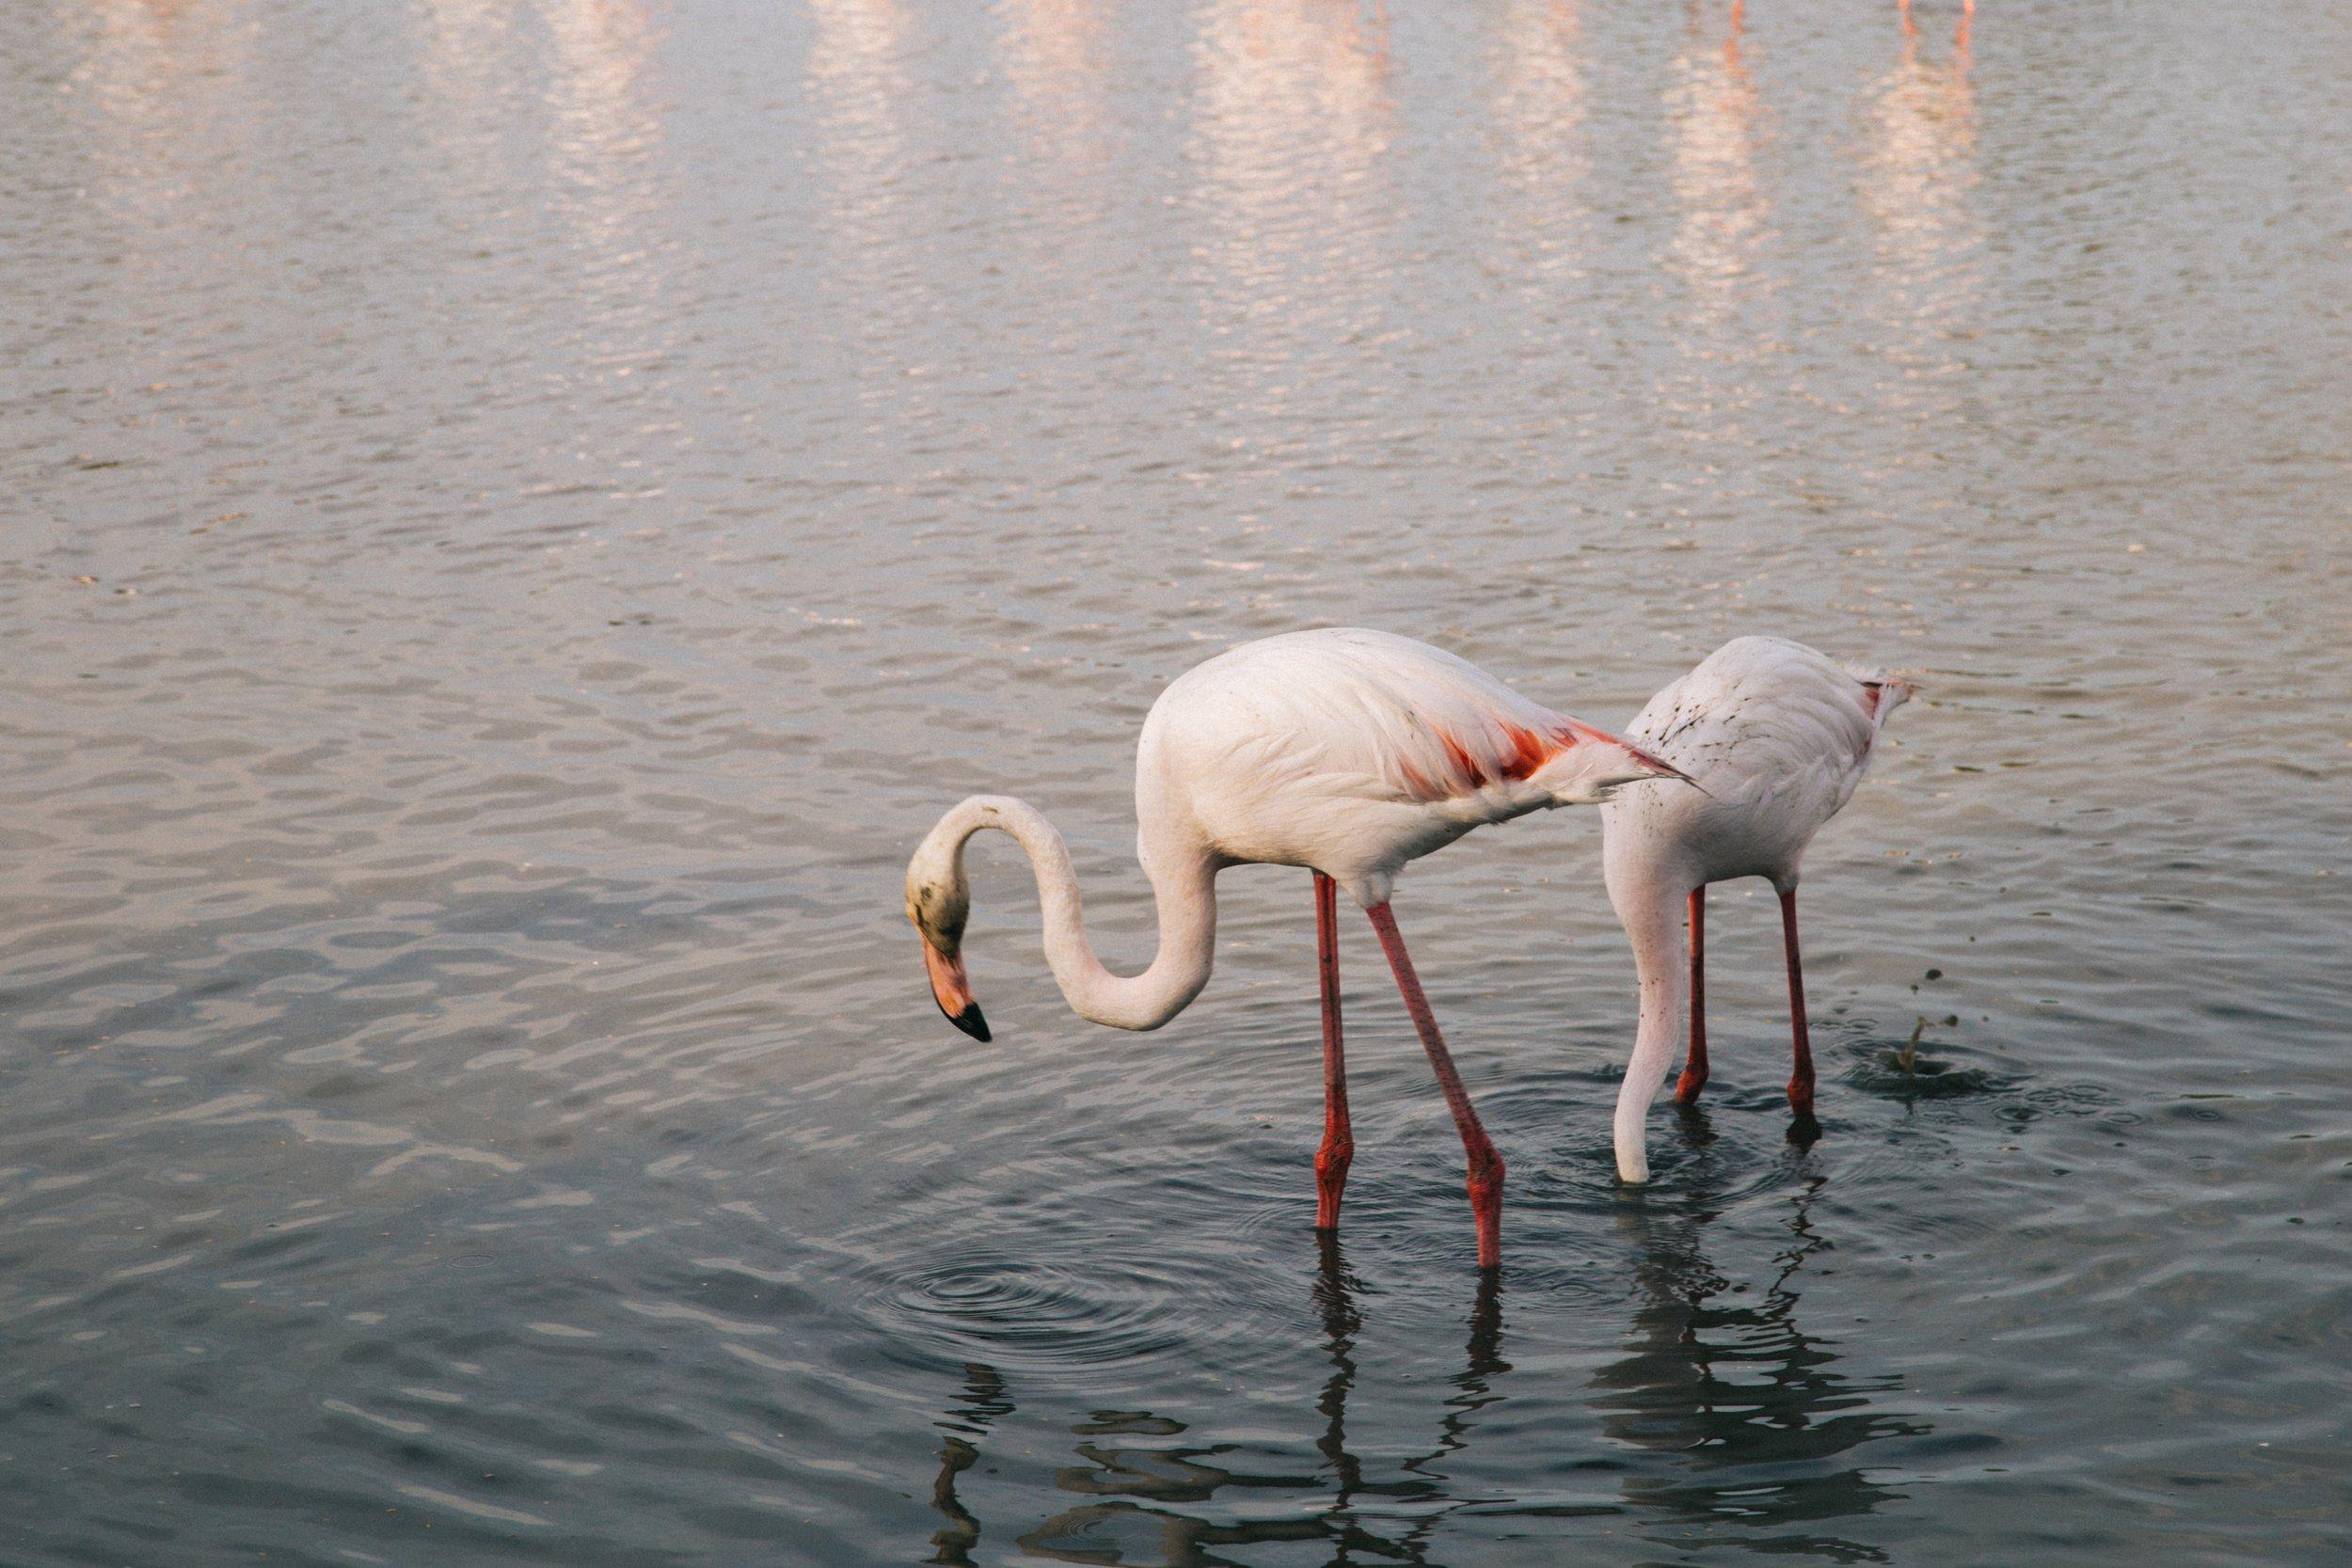 Pont-de-gau-parc-ornithologique-voyage-.jpg